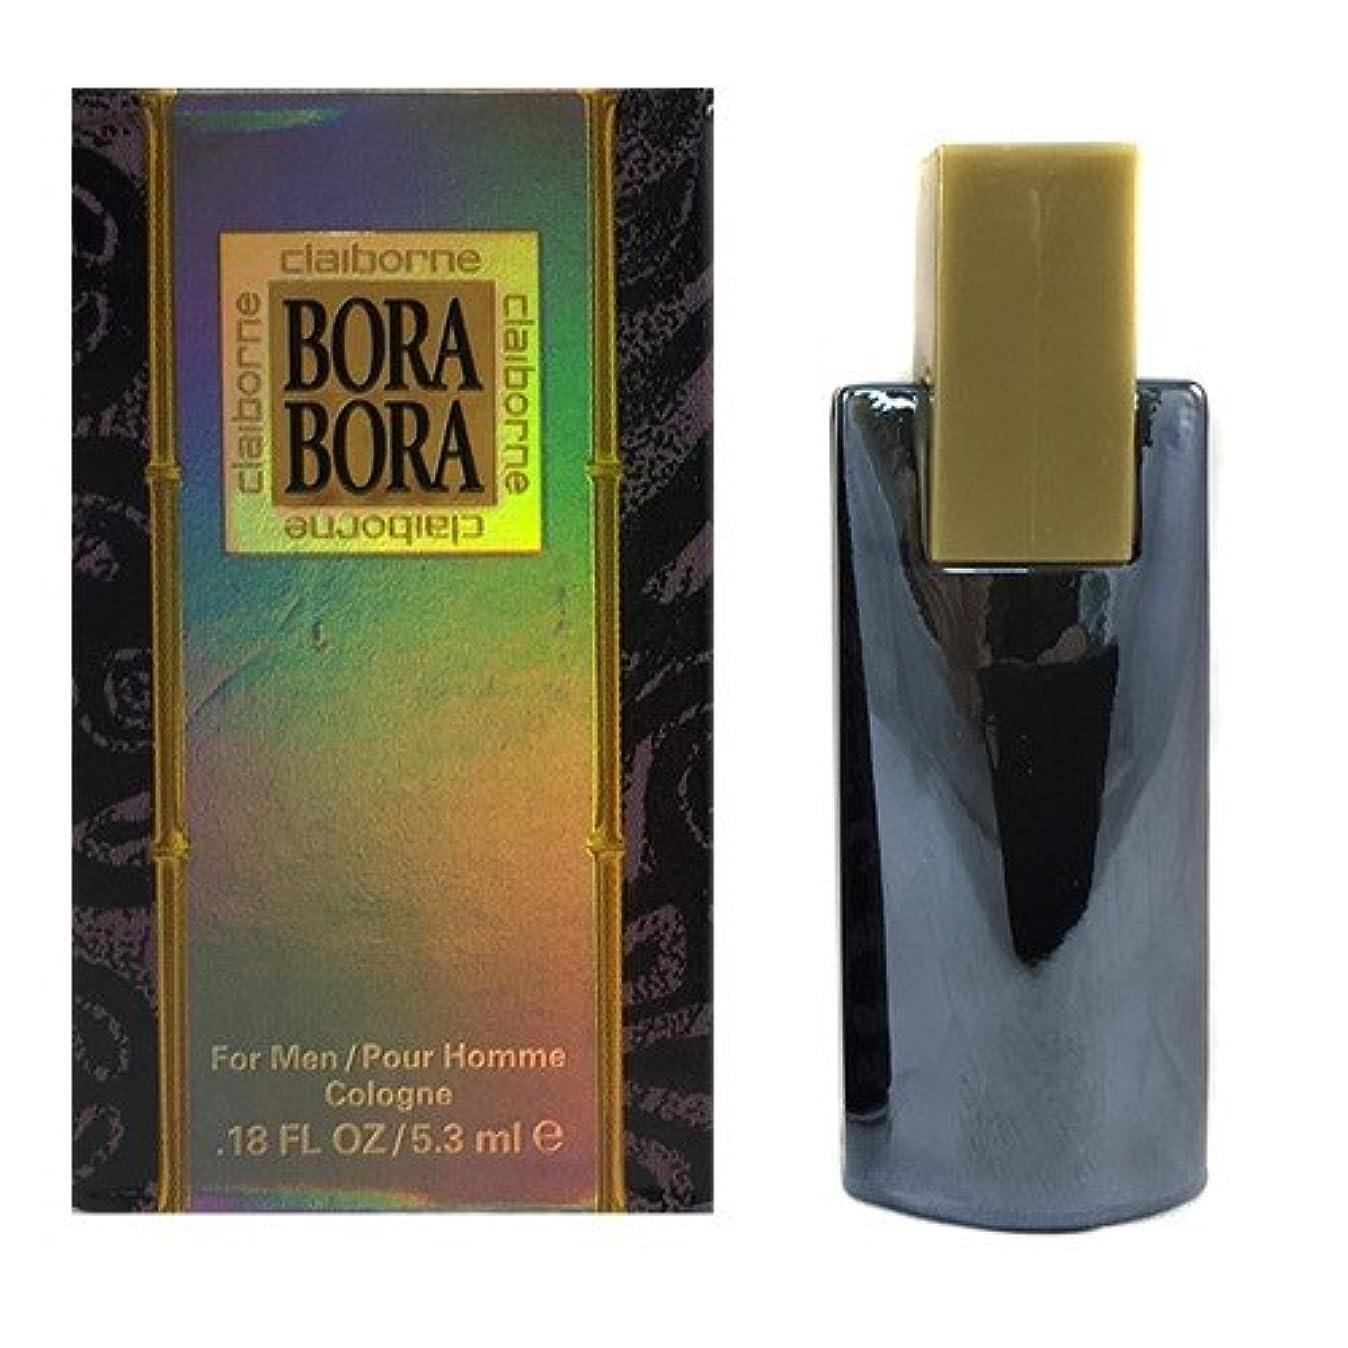 作動する財政重要なリズ クレイボーン ミニチュア香水 ボラボラ フォーメン オーデコロン 5.3ml EDC [並行輸入品]